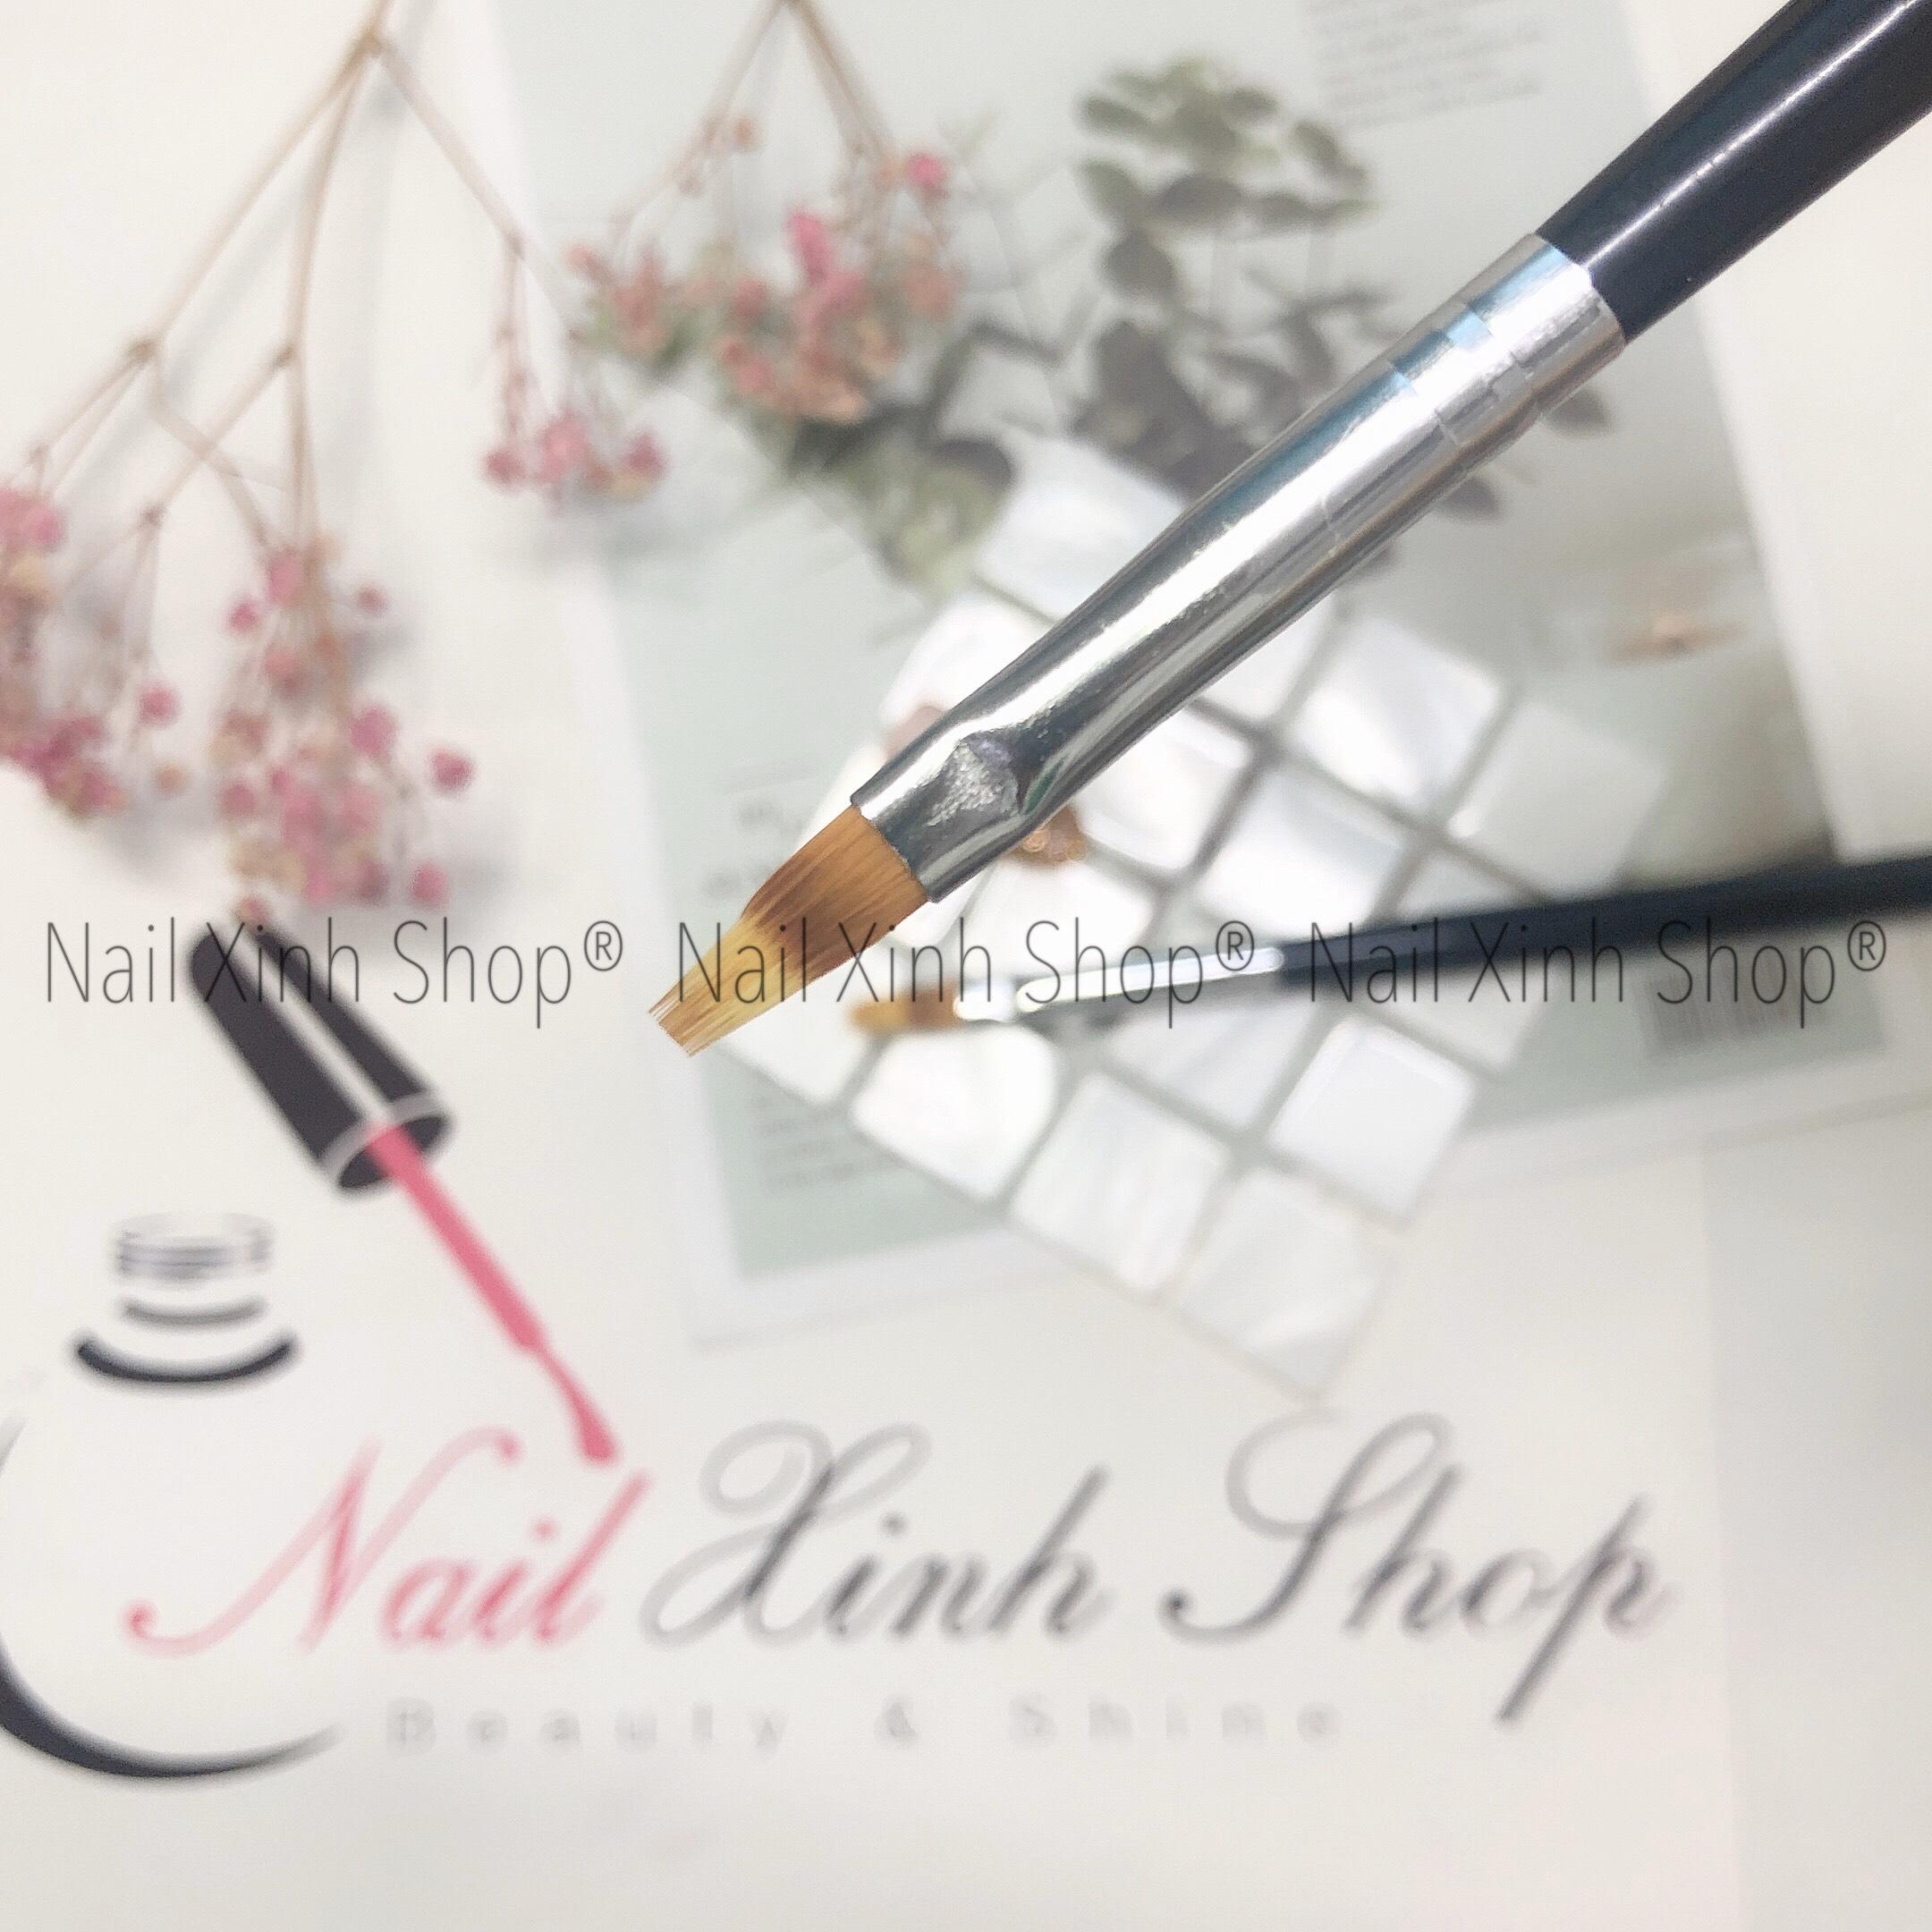 Cọ ombre cán gỗ cao cấp (cọ đầu tròn, bản xéo - cọ dẹp) dặm móng, vẽ nail chuyên nghiệp